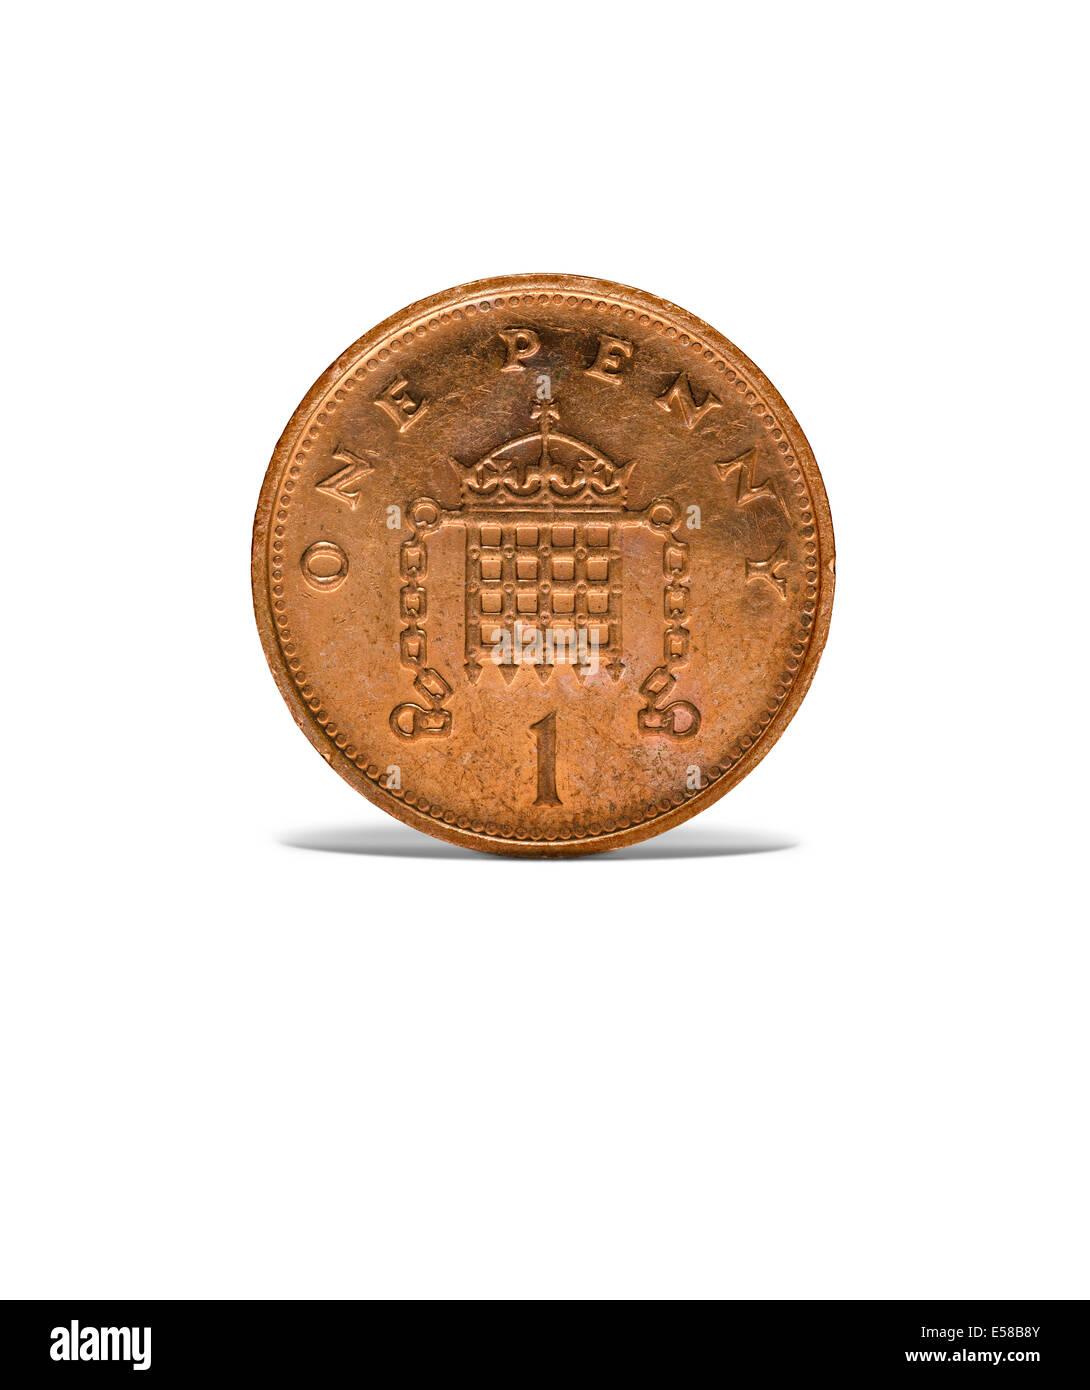 Vorne auf Aufnahme einer alten einen Cent-Münze Stockbild